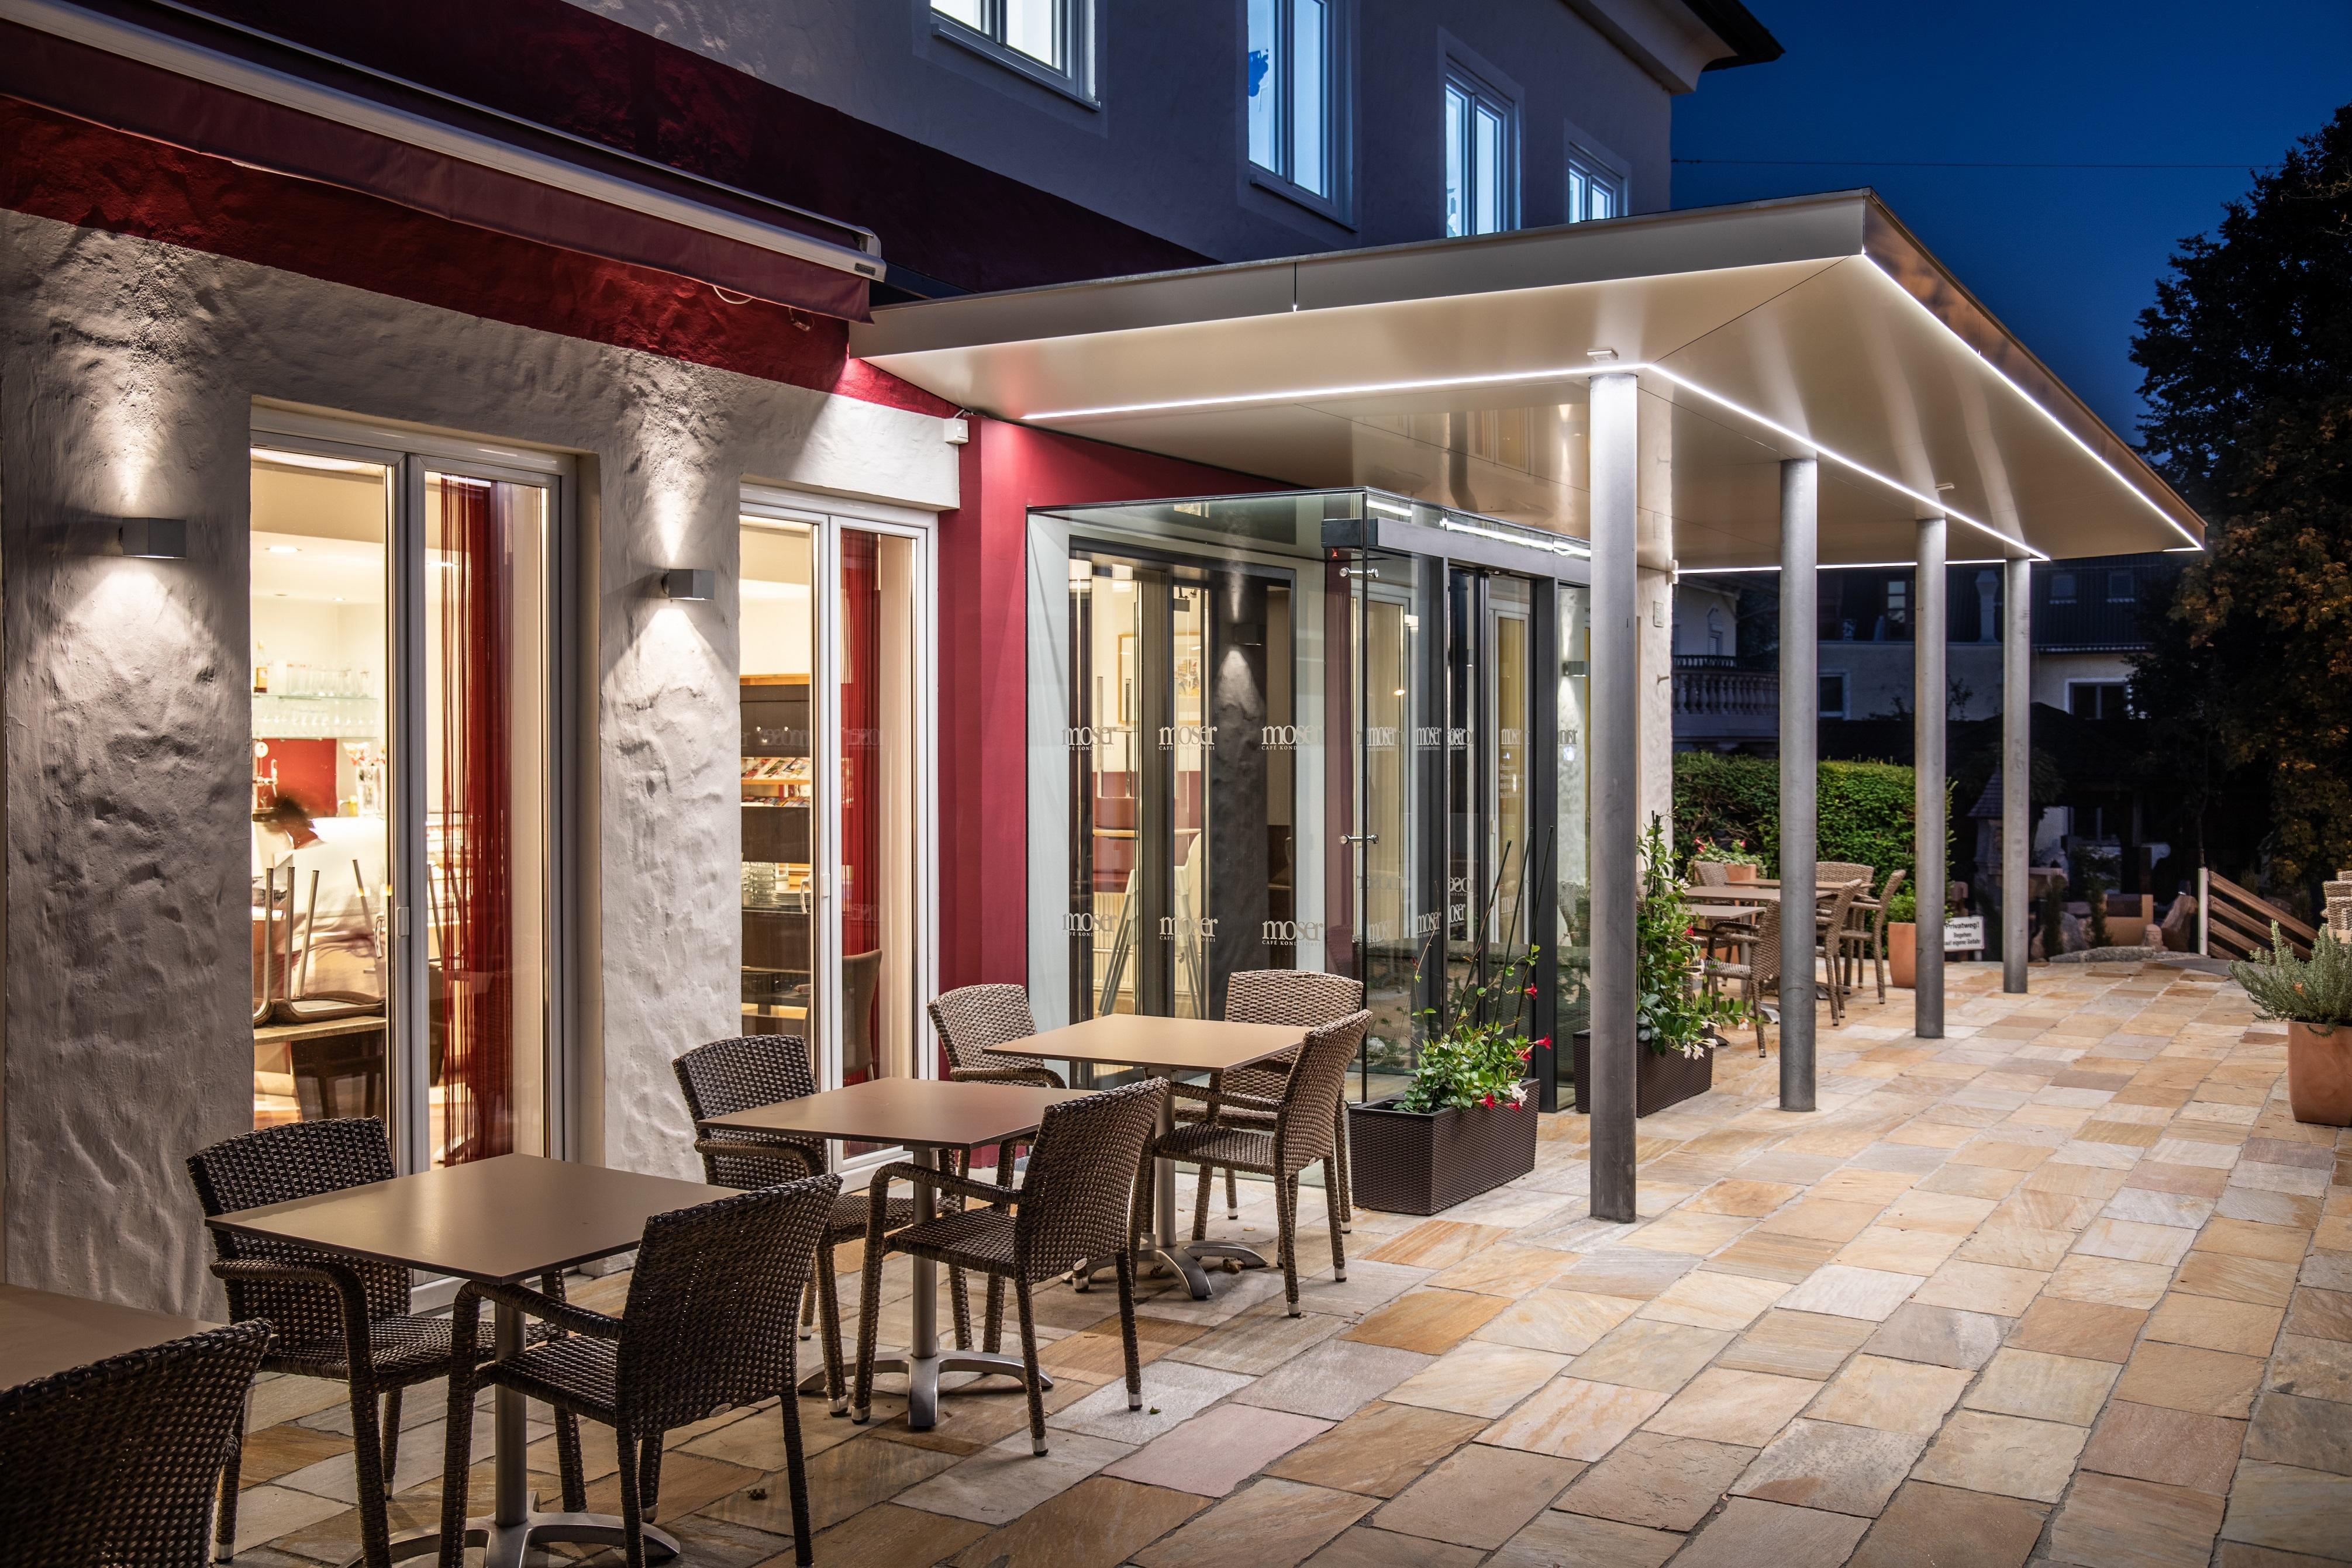 Cafe Moser Seekirchen Außenansicht Nacht Eingang Img 9823 Klein